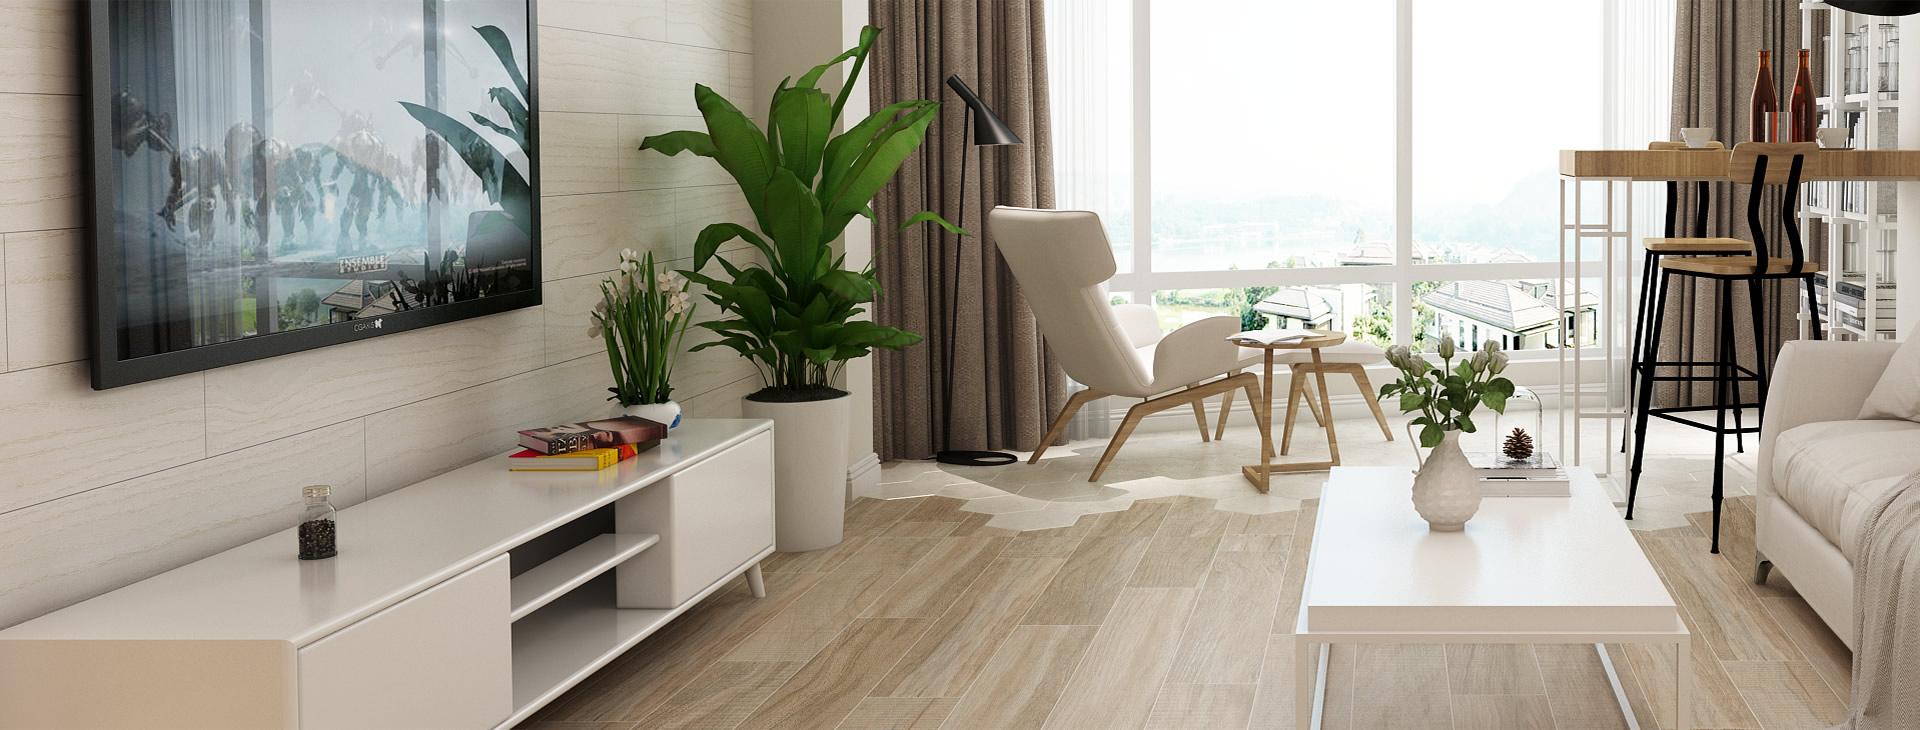 选对家中绿植,家居环境少污染